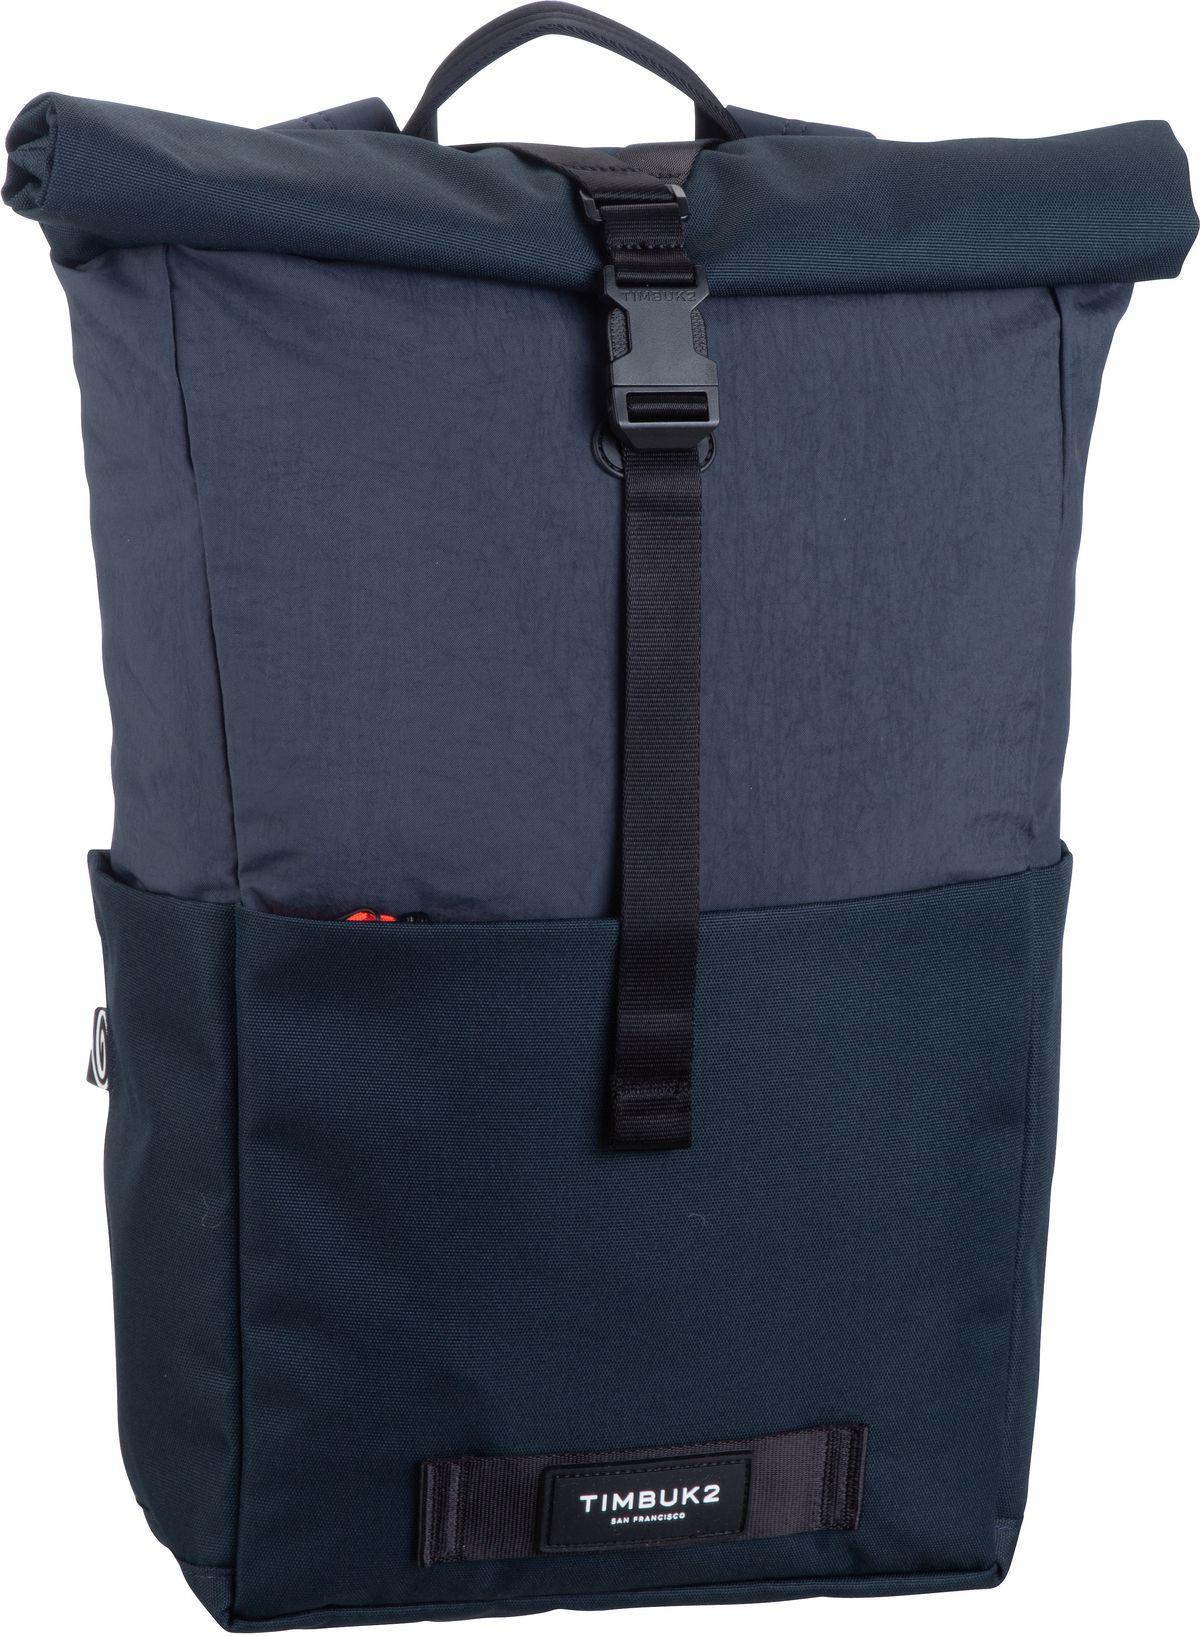 Rucksack / Daypack Hero Pack Aurora (21 Liter)